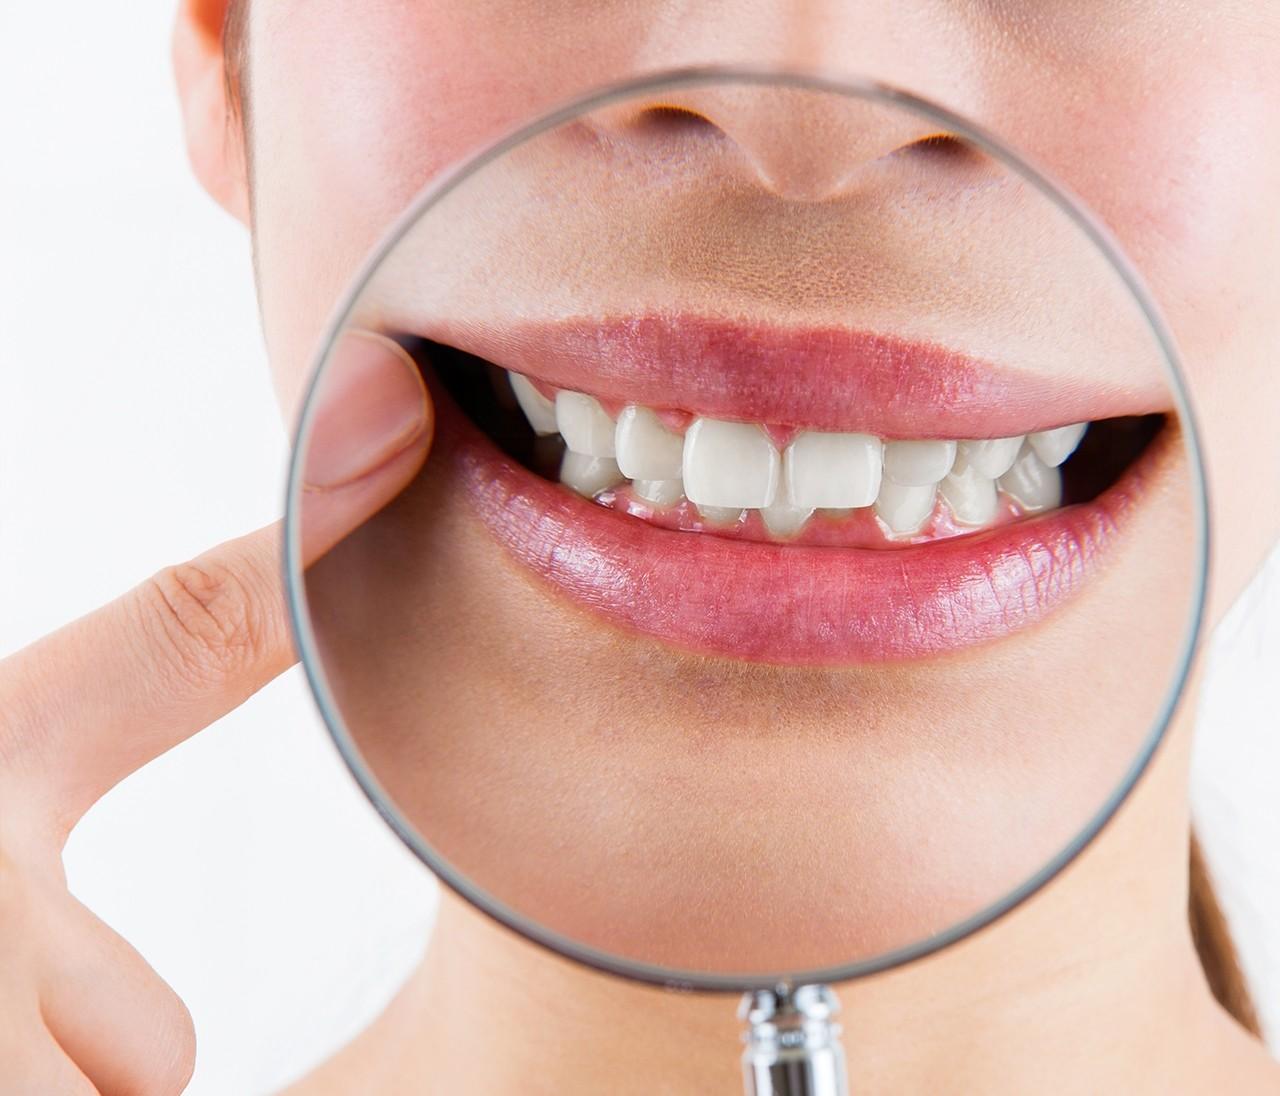 【歯・口内トラブル】矯正すべき?気になる歯並びに関するQ&A